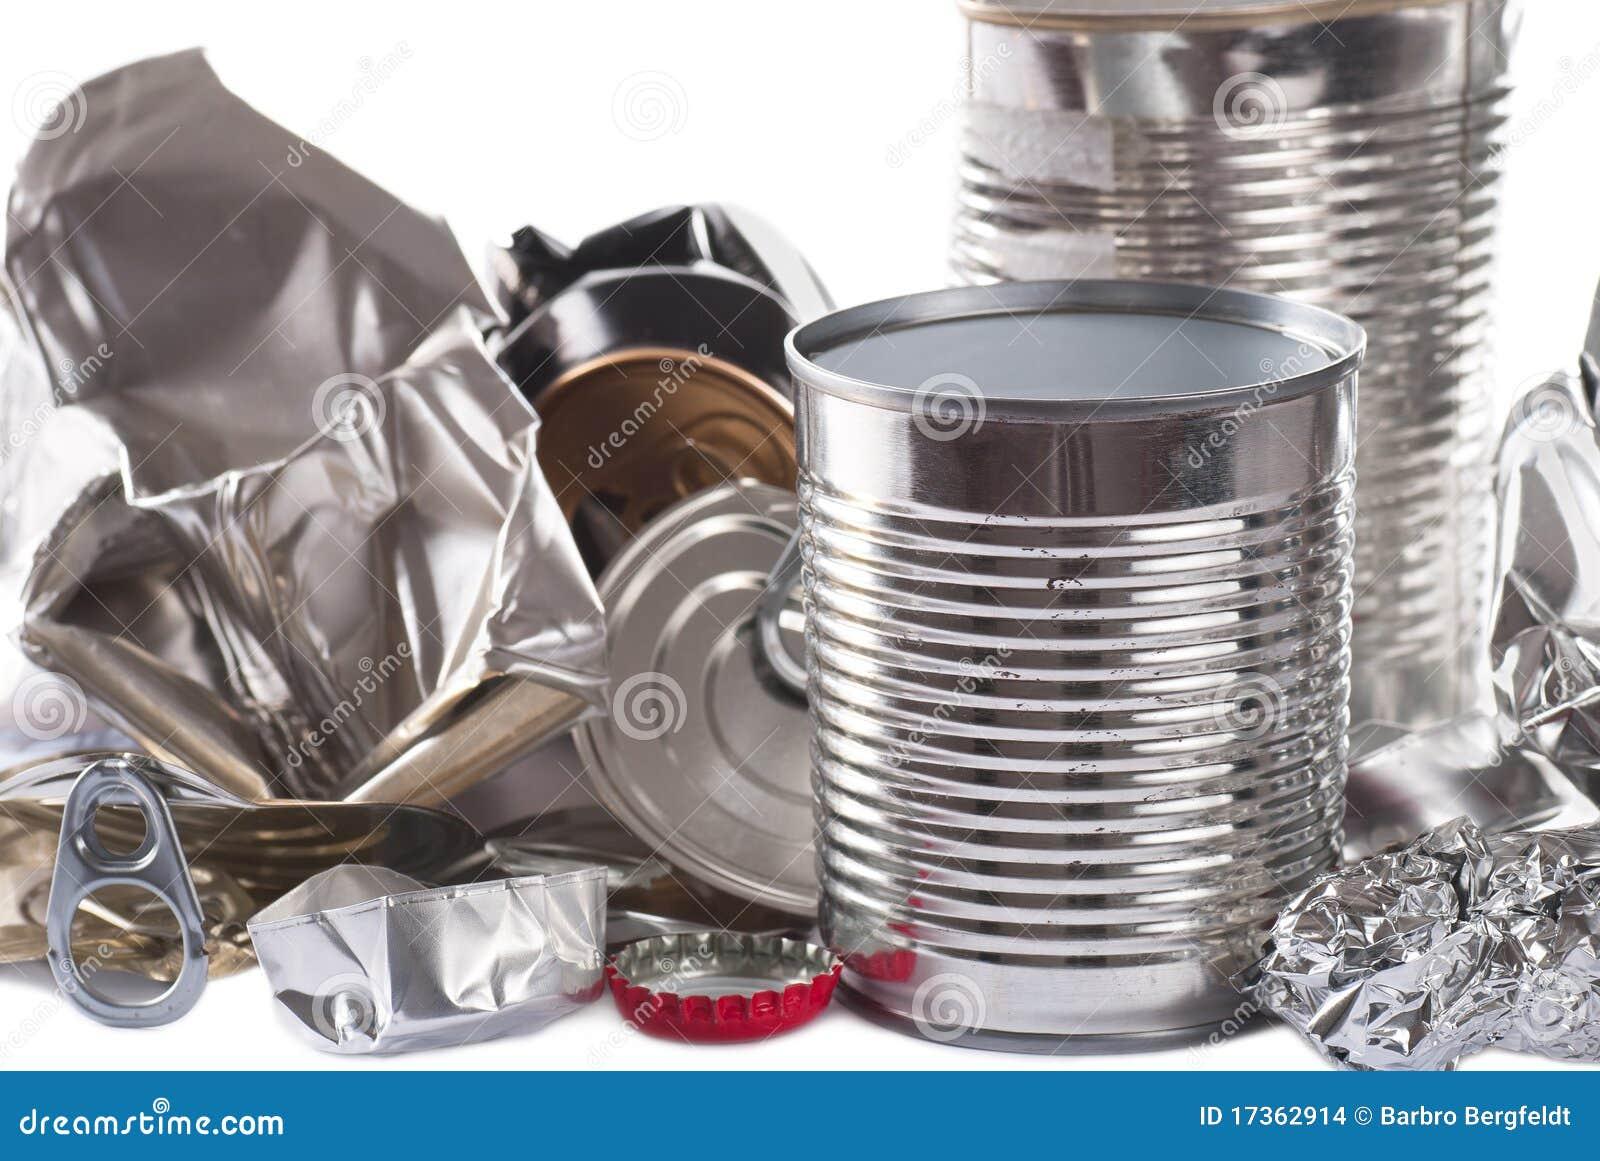 reciclaje del metal imagenes de archivo imagen 17362914